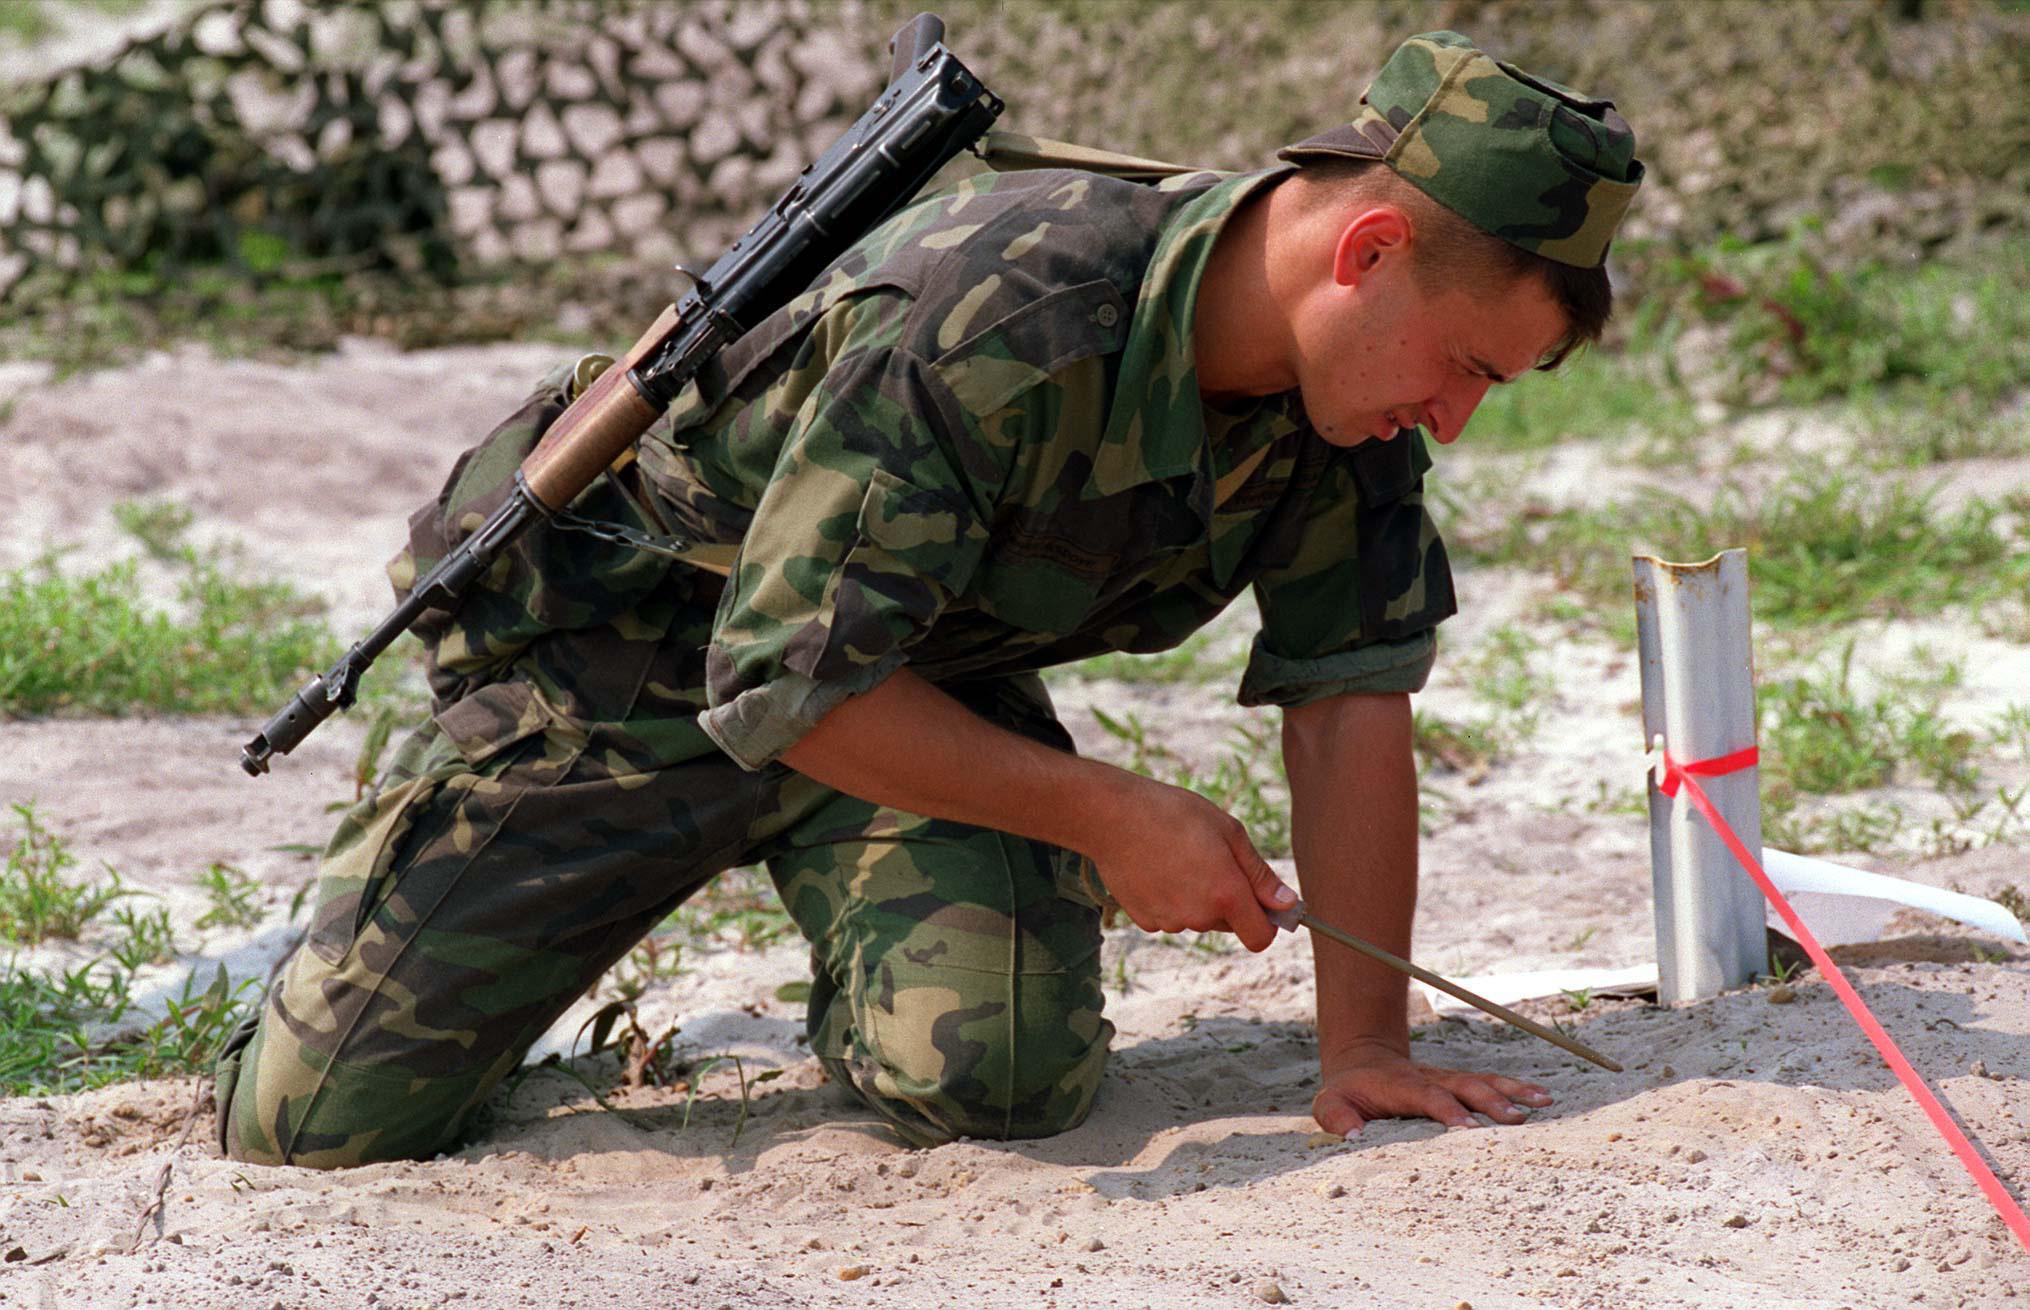 Description moldovan soldier